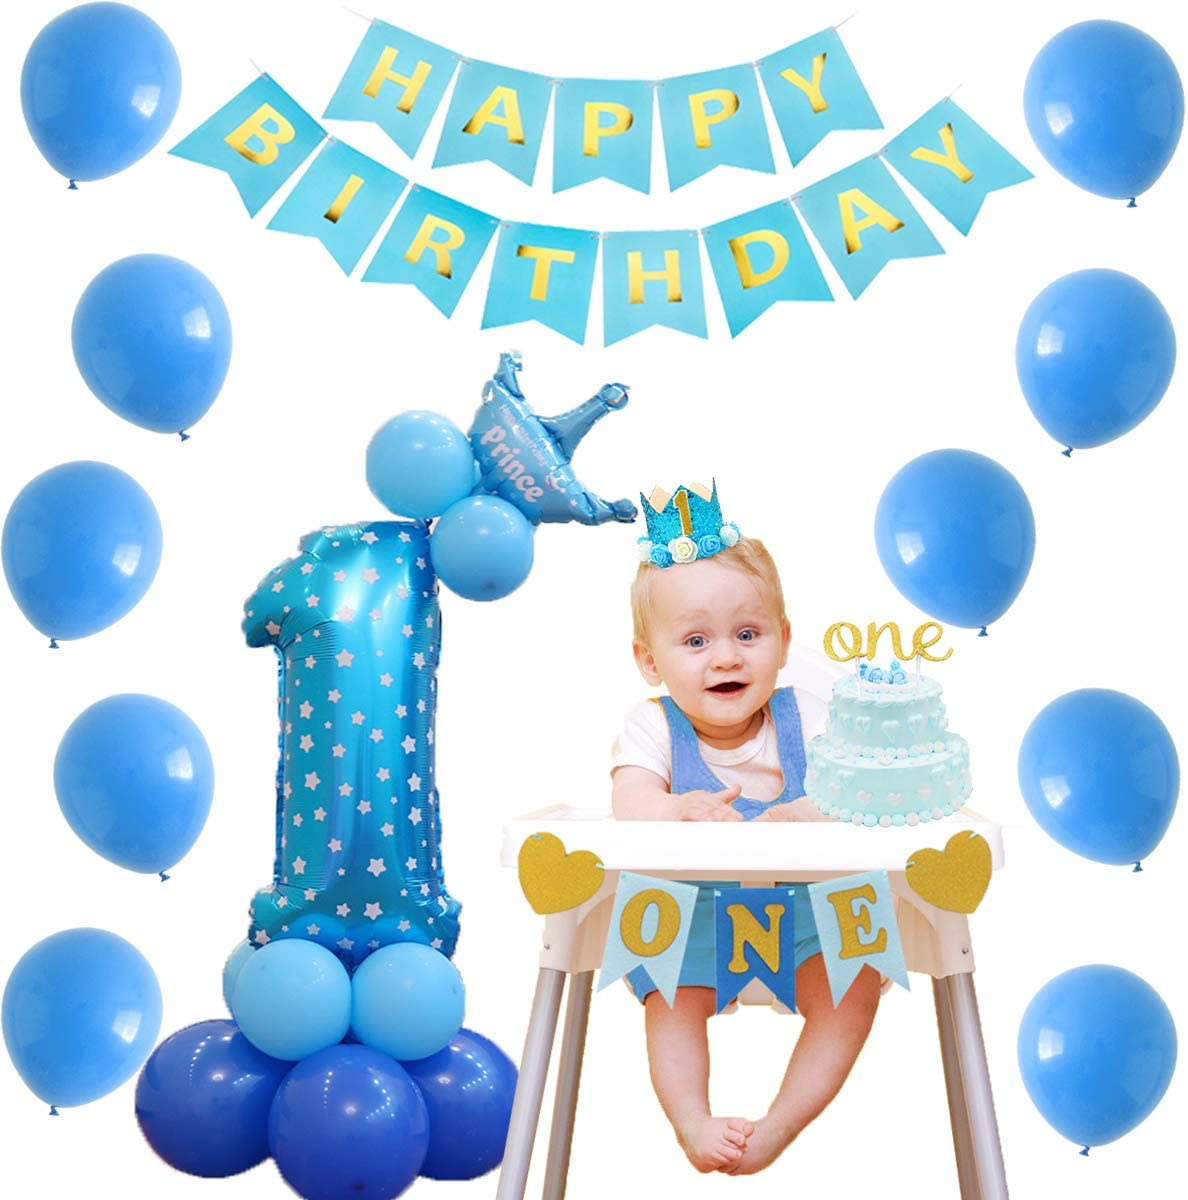 Kreatwow D/écorations de f/ête danniversaire Bleu et Or pour b/éb/és gar/çons 1er Anniversaire Couronne Anniversaire Chapeau Chapeau Paillettes confettis Ballons Ensemble